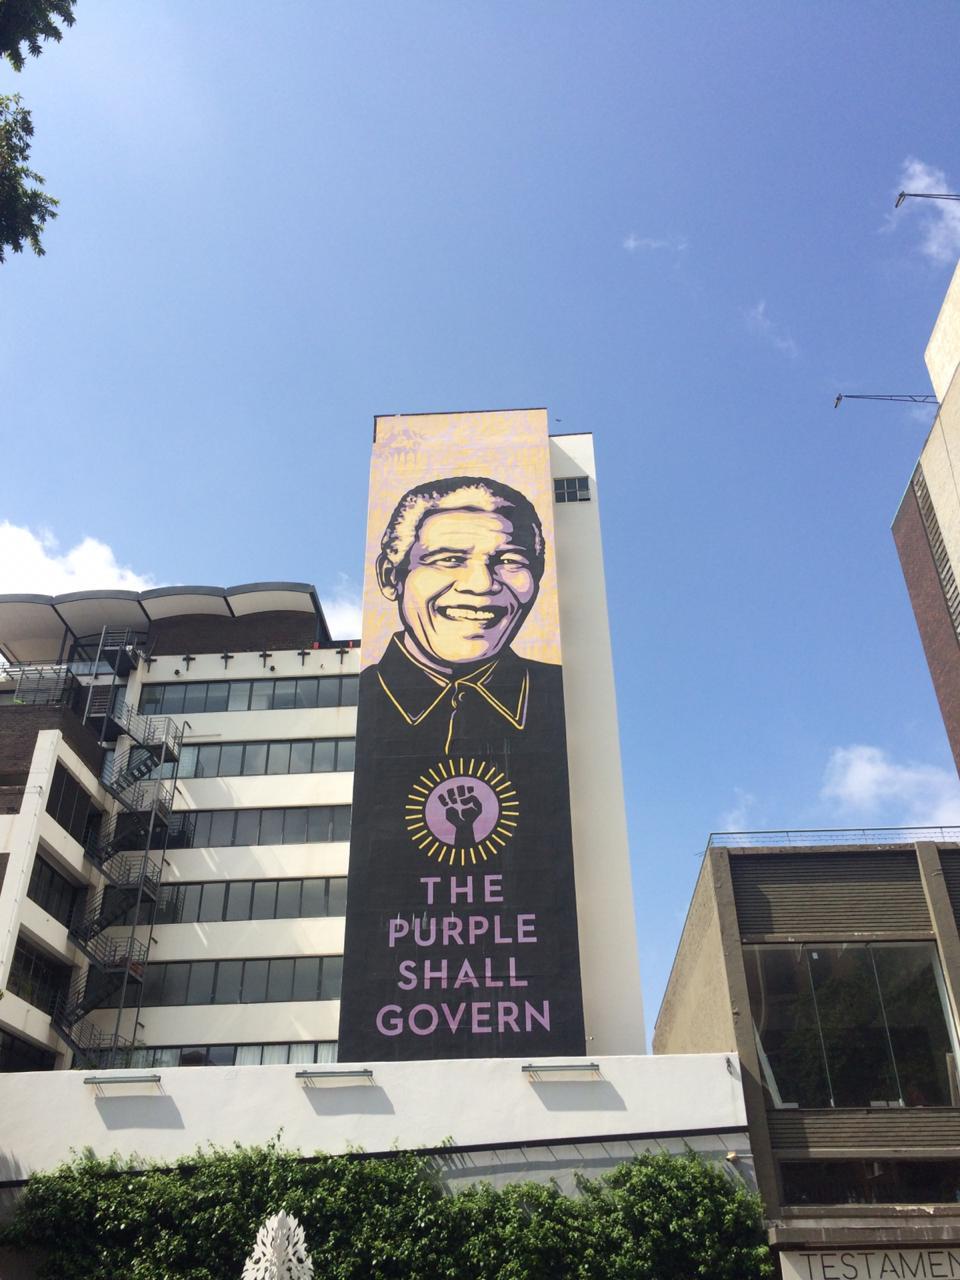 Johannesburgo, la ciudad donde se recorre la historia y cultura de Sudáfrica